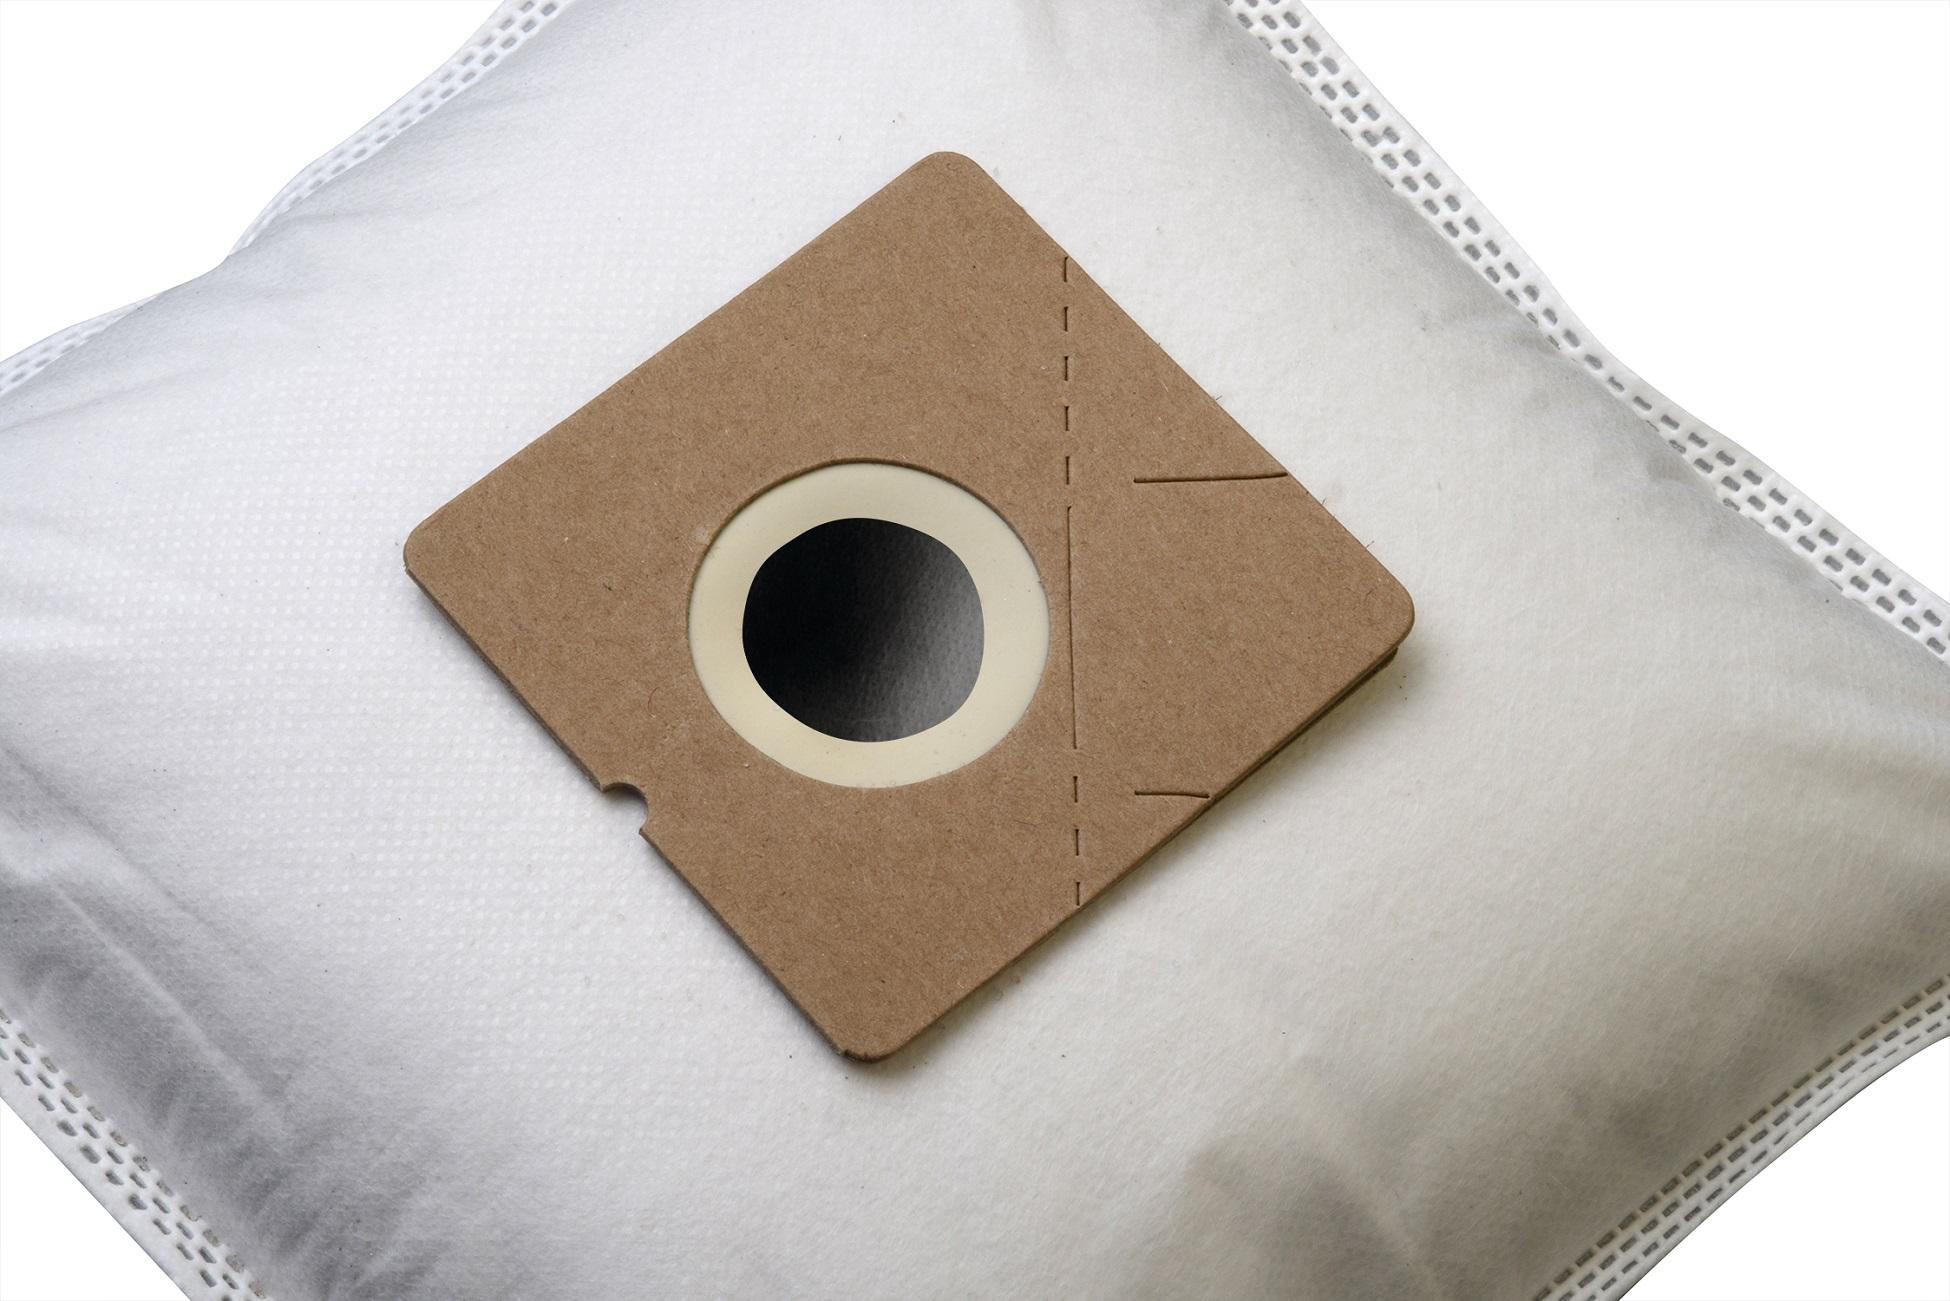 KOMA sáčky ETA Domino 1419 textilní, 5ks+mikrofiltr Balení: Balení v PET sáčku